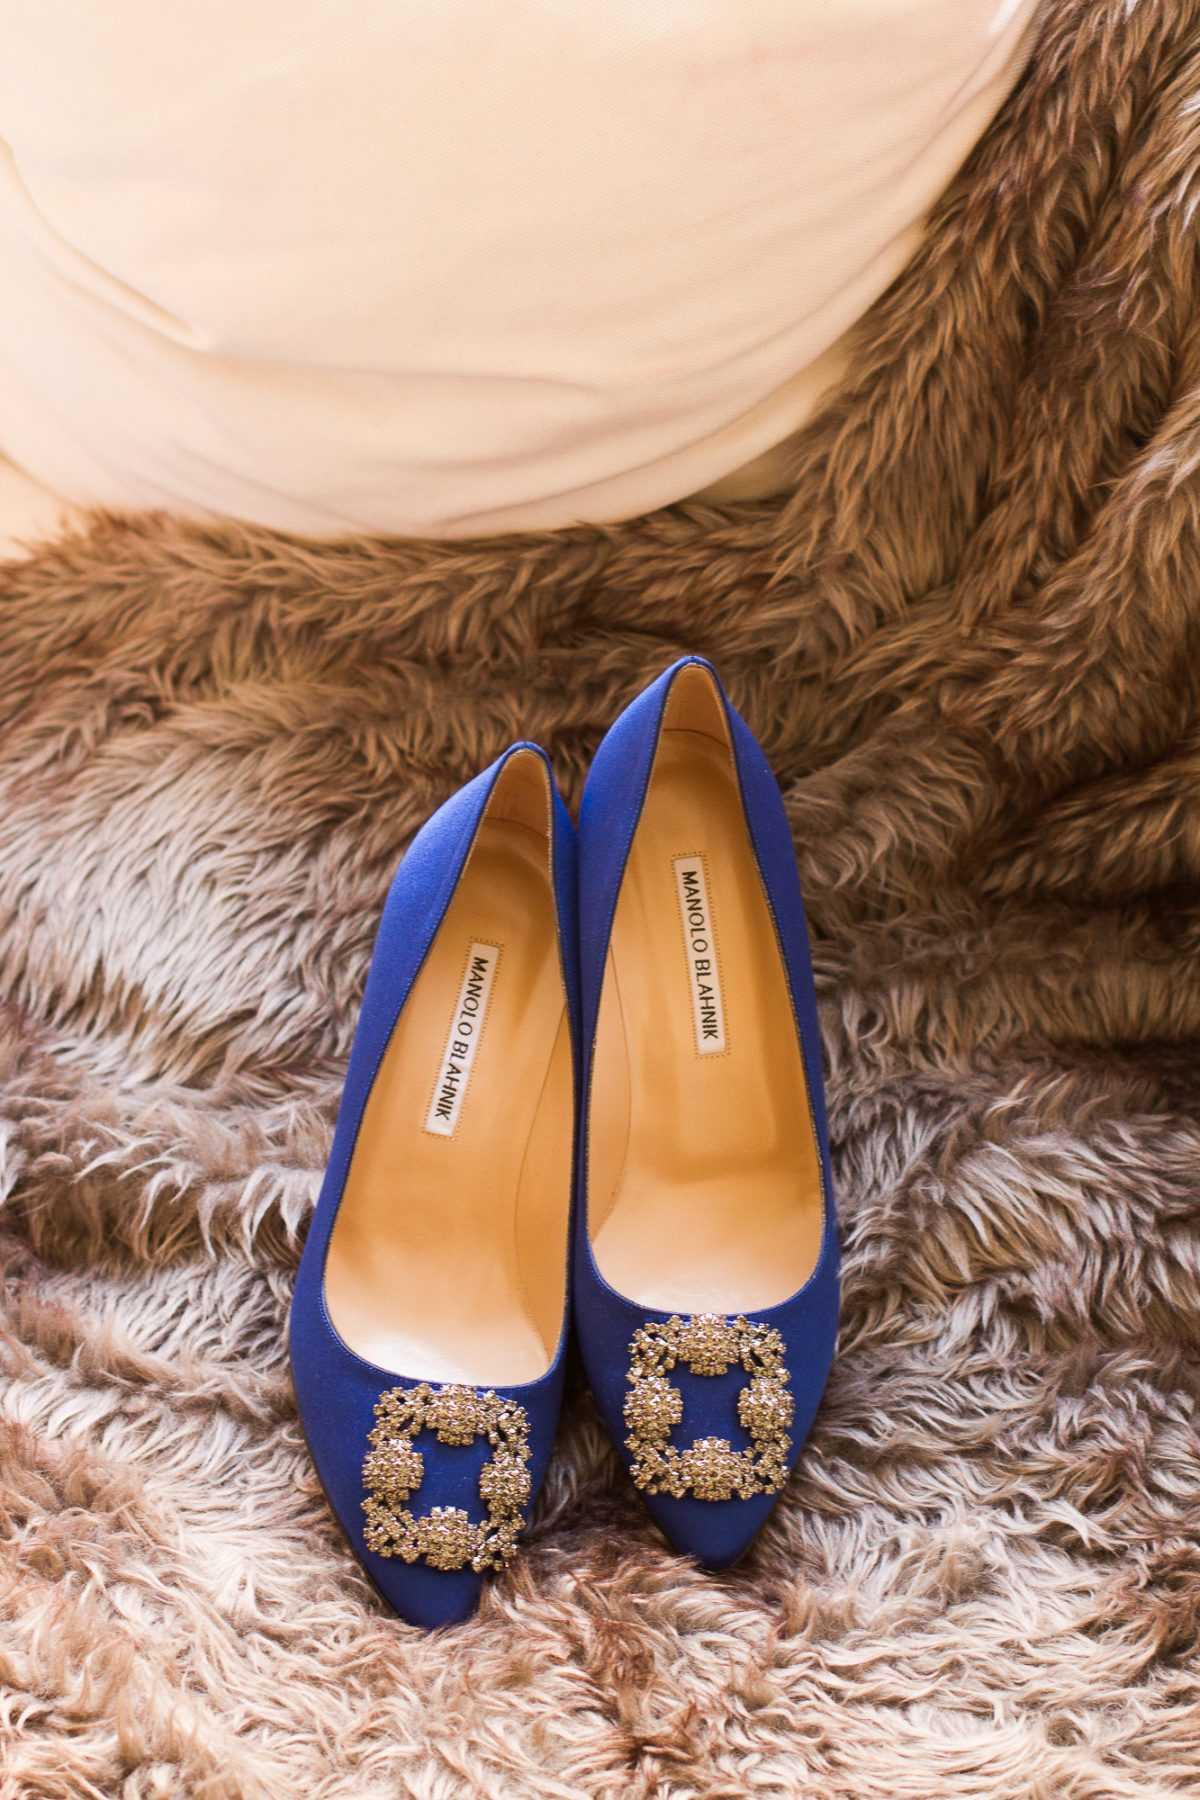 Manolo-blahnik-zapatos-novia